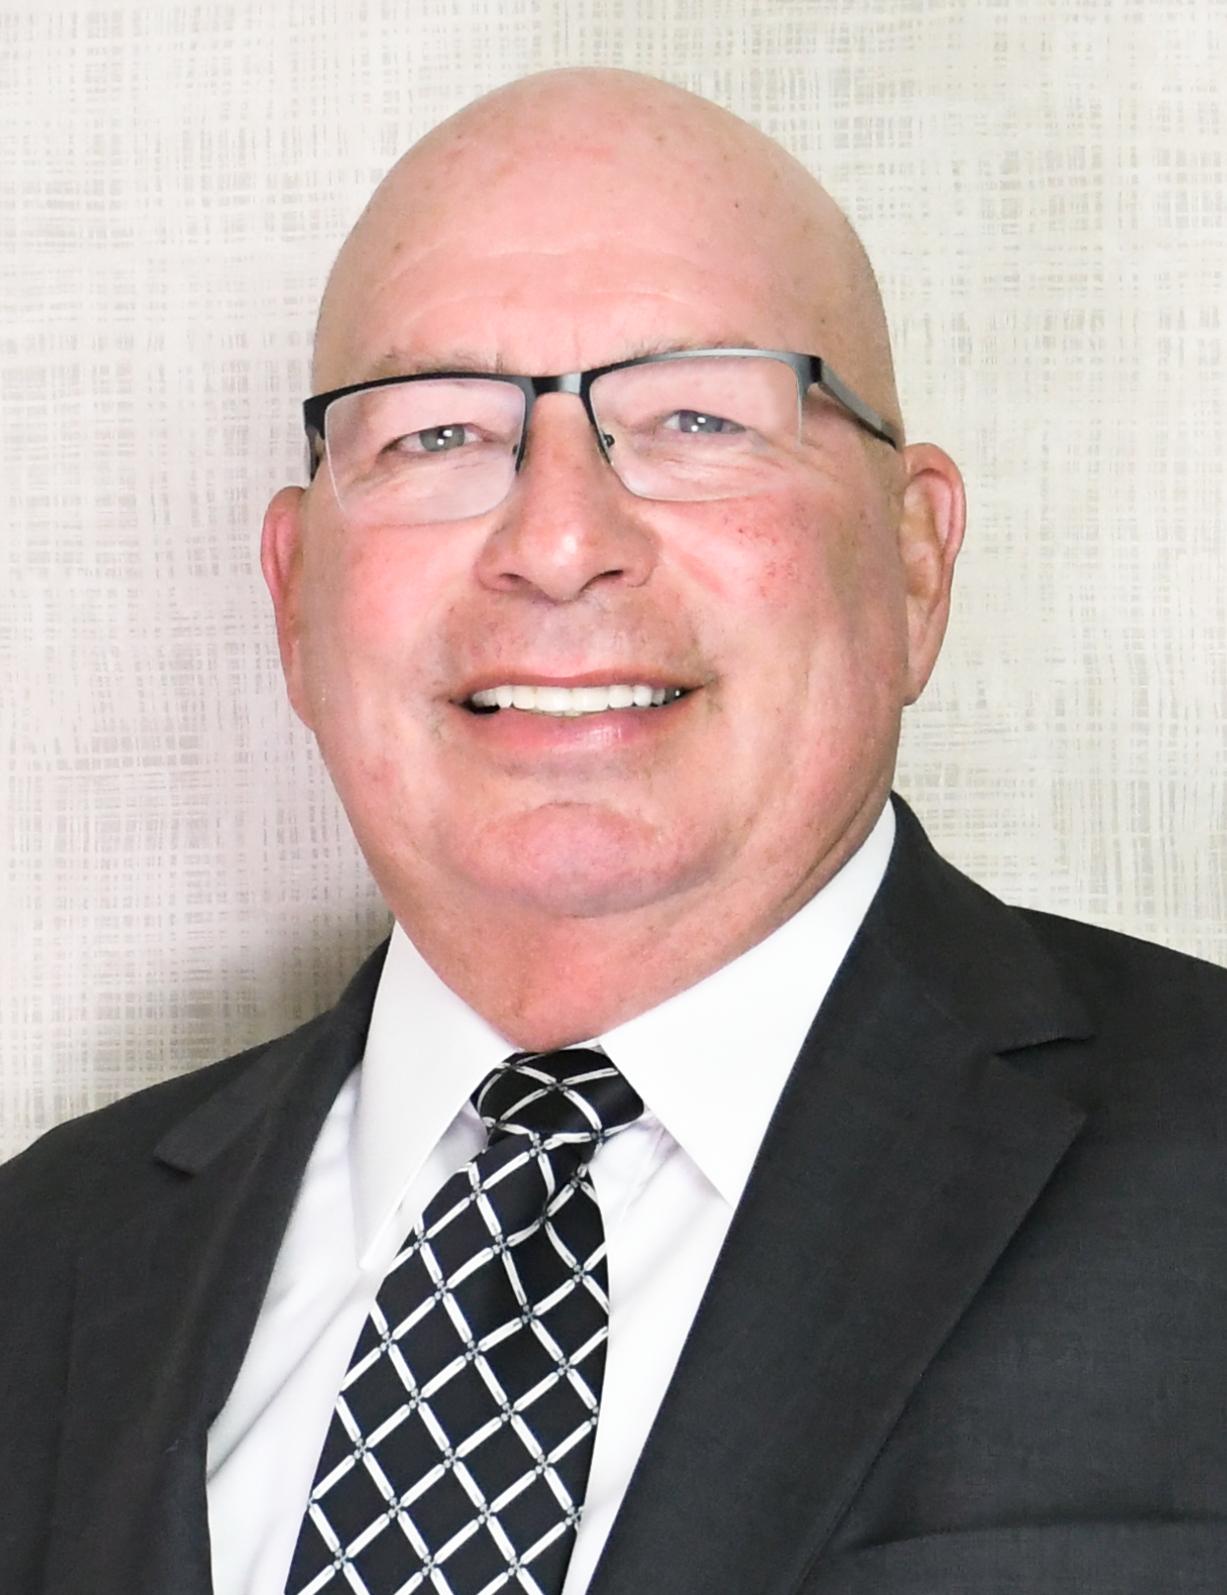 Kenneth-Grabowski